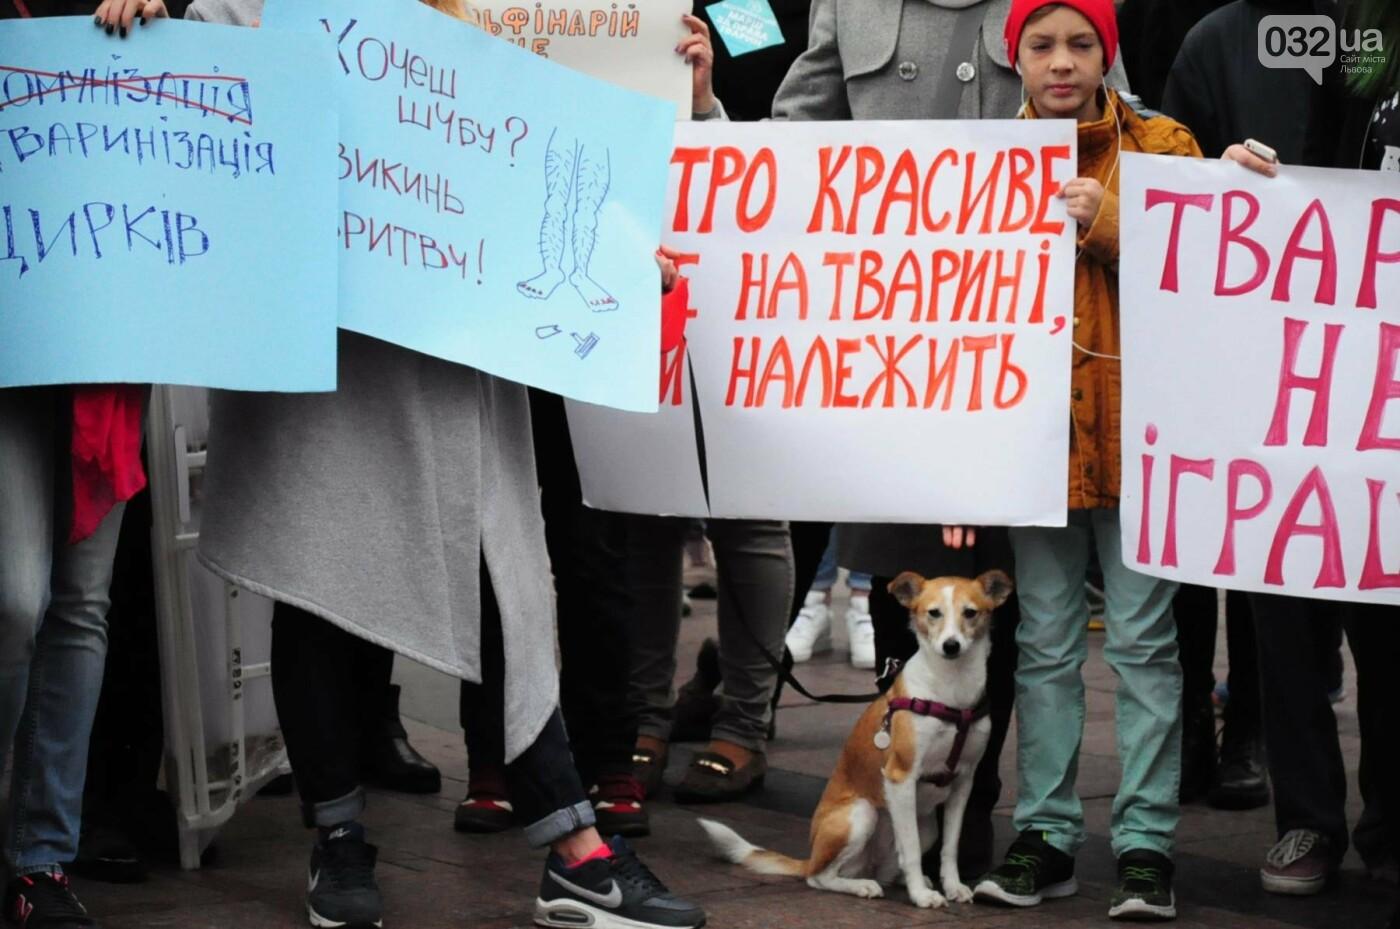 Львів'яни взяли участь у масштабному Марші на захист тварин. Фоторепортаж, фото-3